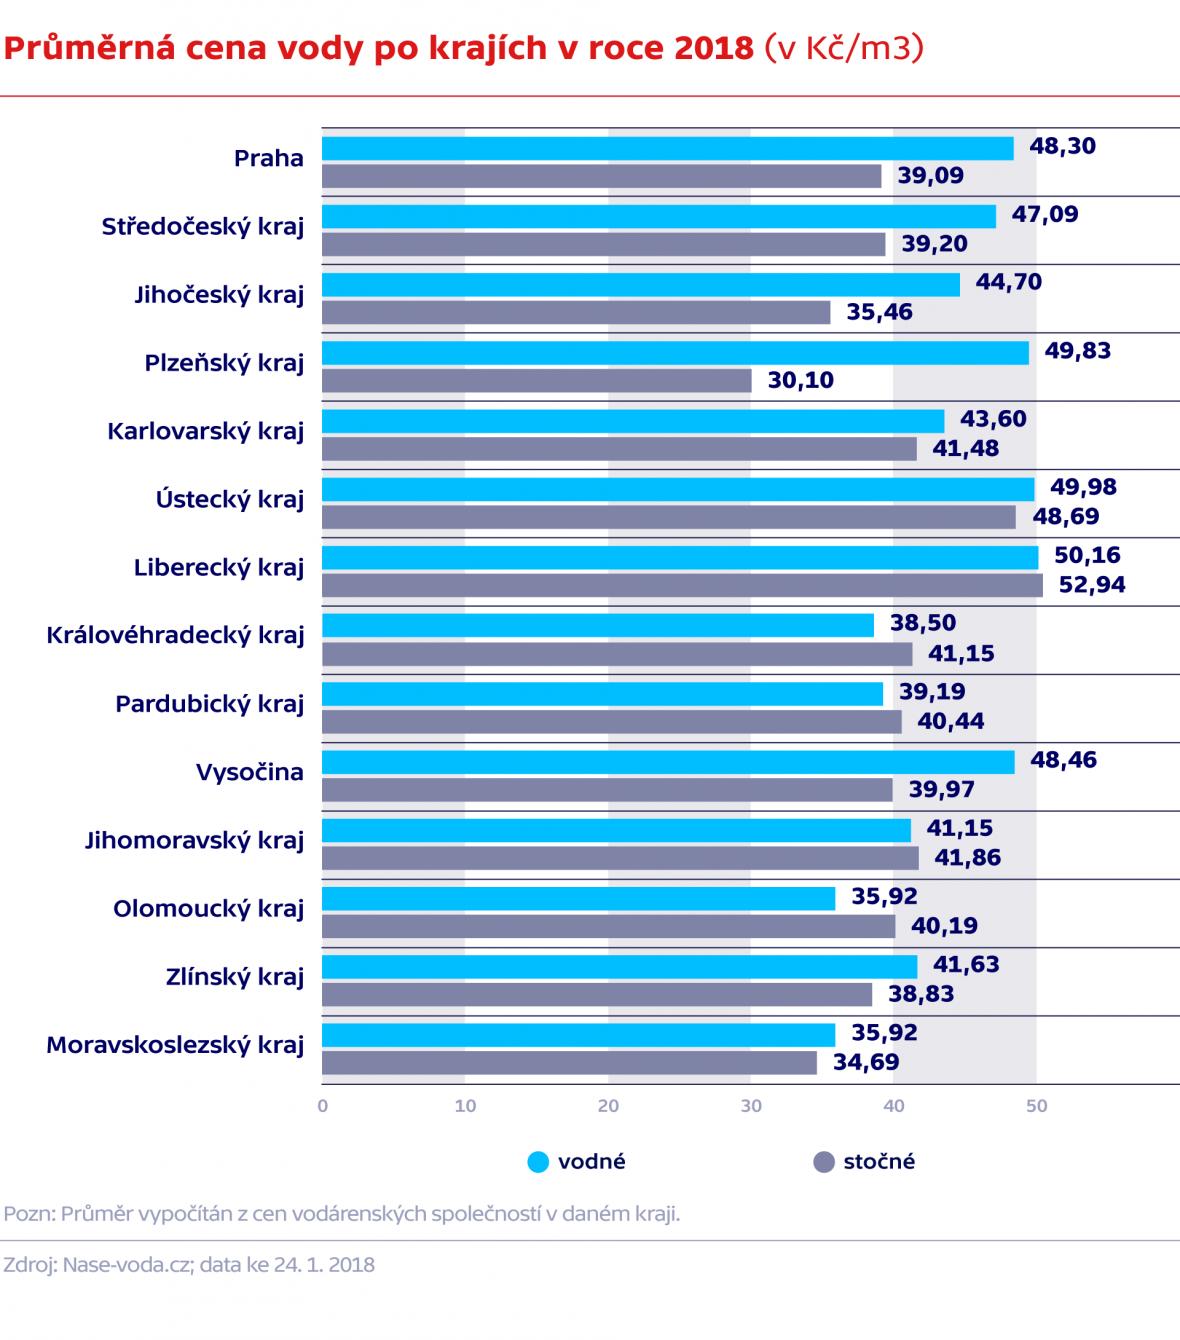 Průměrná cena vody po krajích v roce 2018 (v Kč/m3)